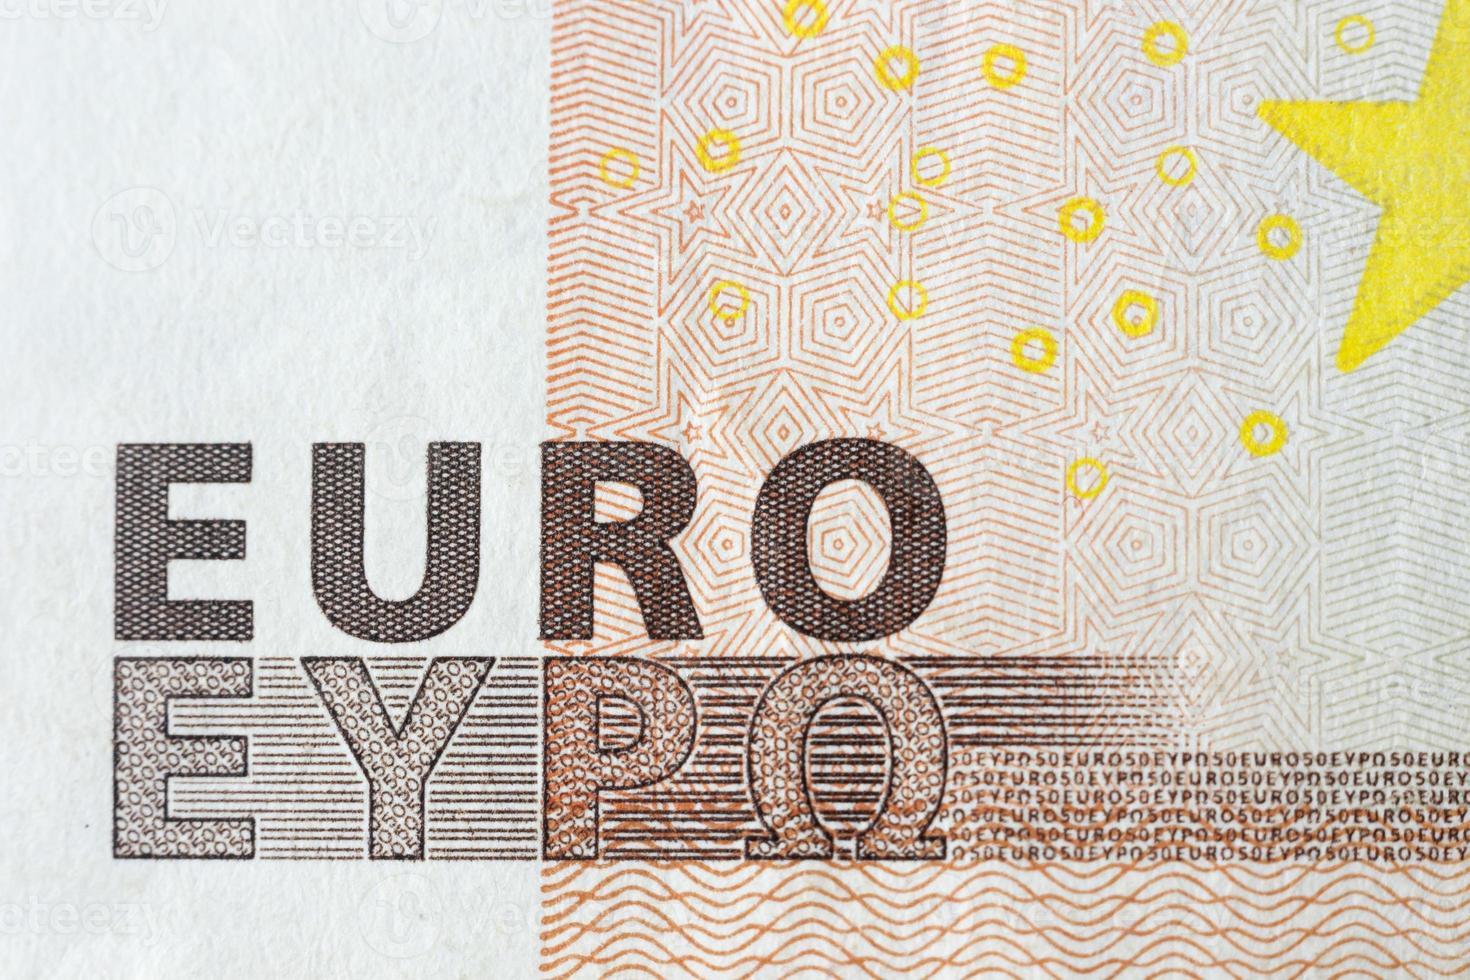 Euro-Banknoten, detaillierter Text zu neuen fünfzig Euro-Banknoten foto